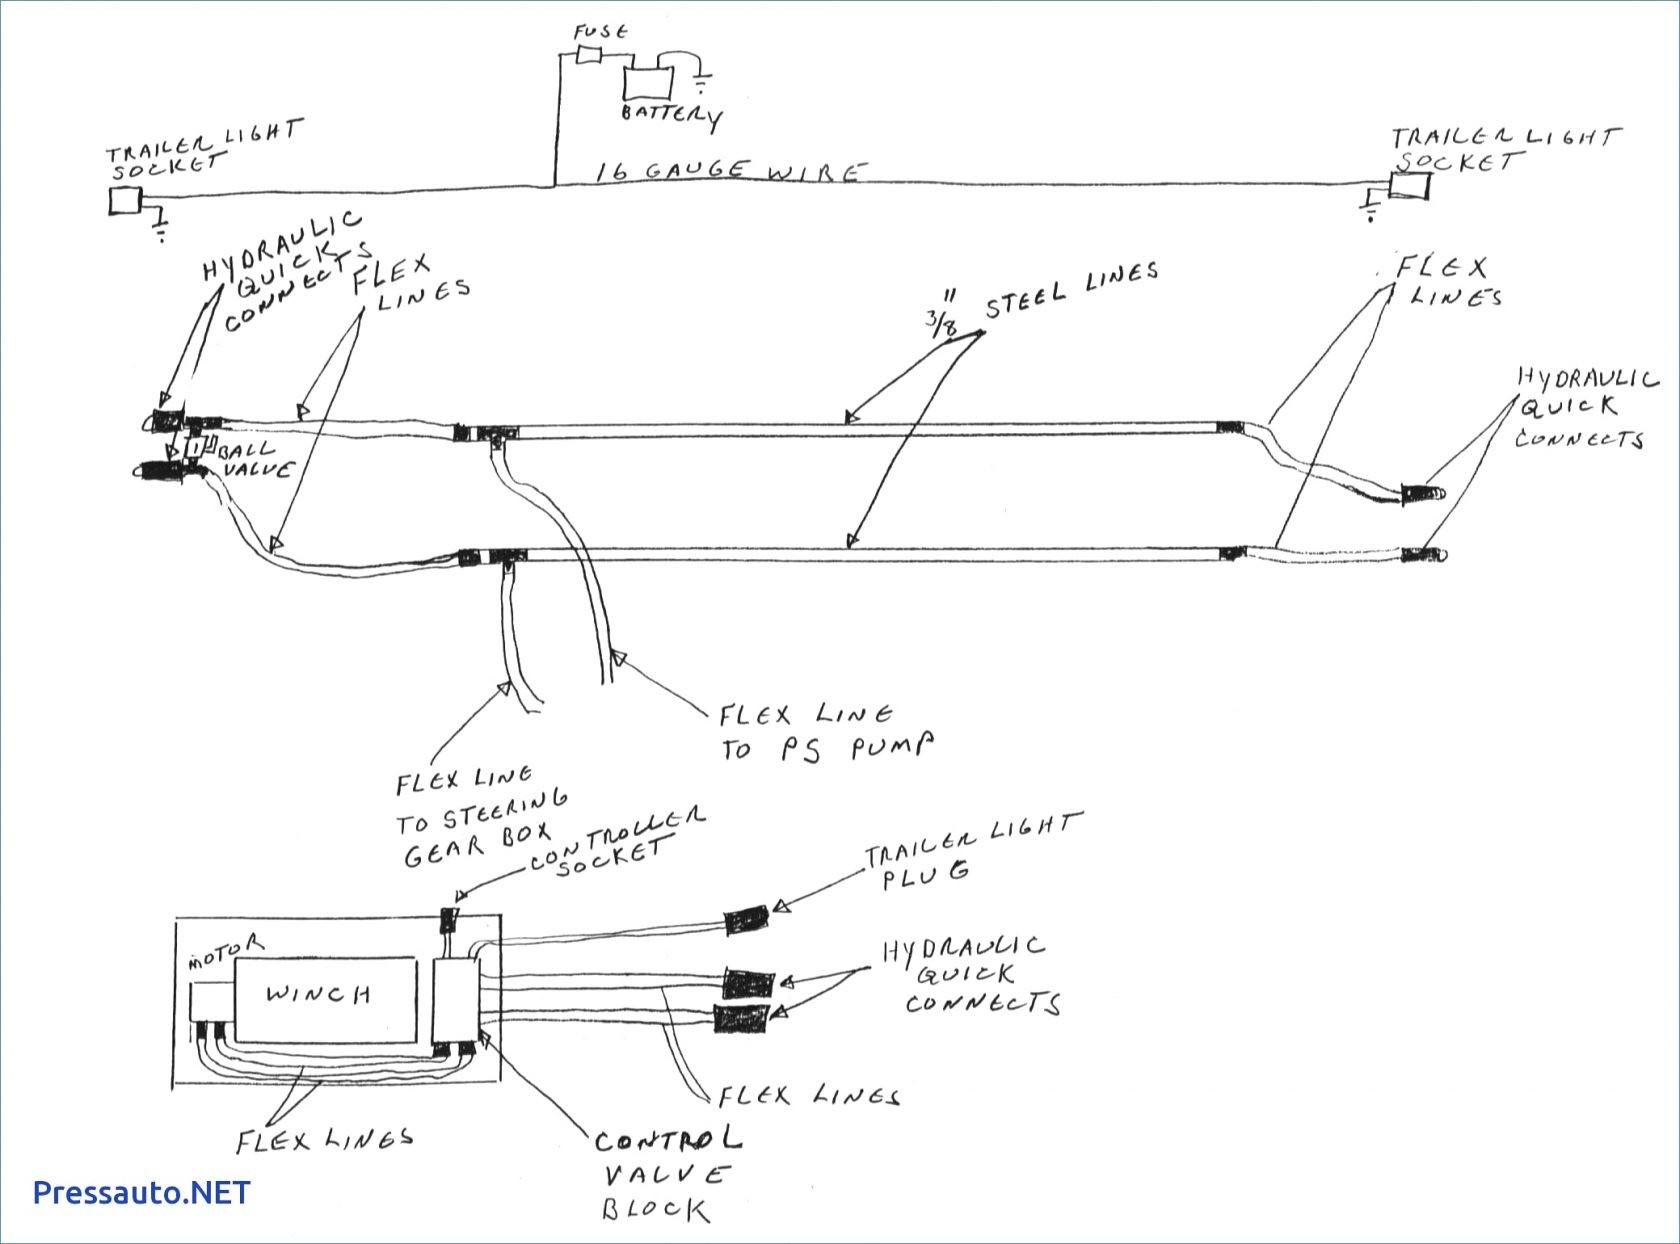 Warn Winch Wiring Diagram Jeepforumcom Data Schema \u2022 Western Plow  Solenoid Wiring Diagram Warn Winch Solenoid Wiring Diagram 2000